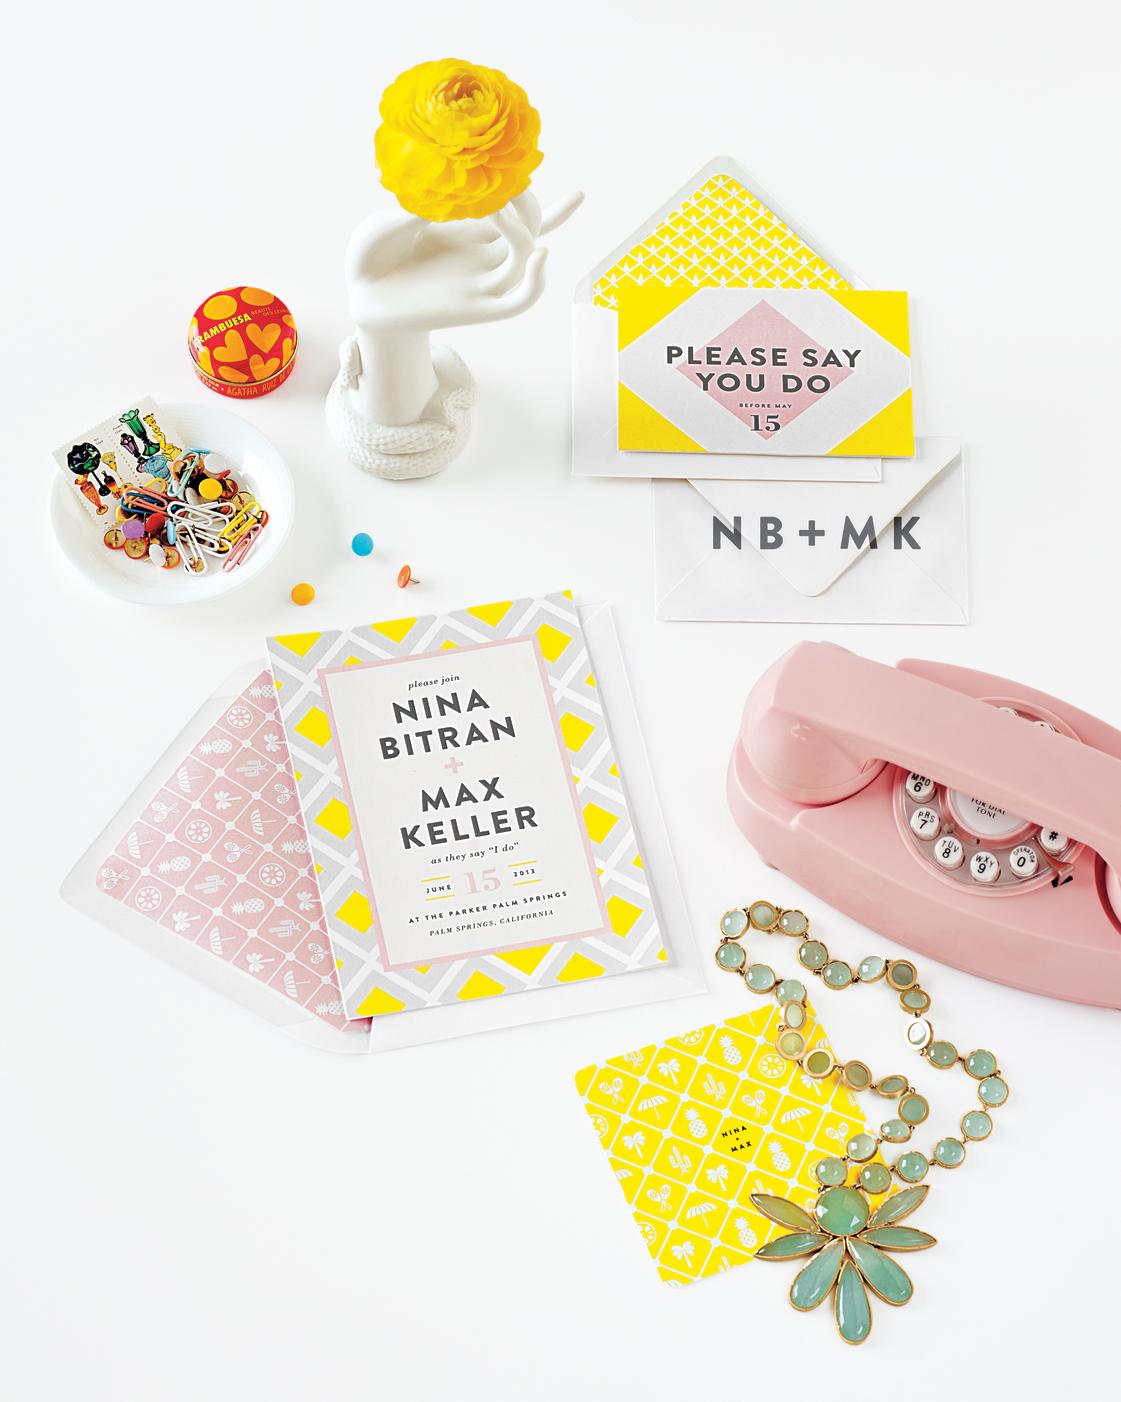 stationery-white-desk-mwd108830.jpg